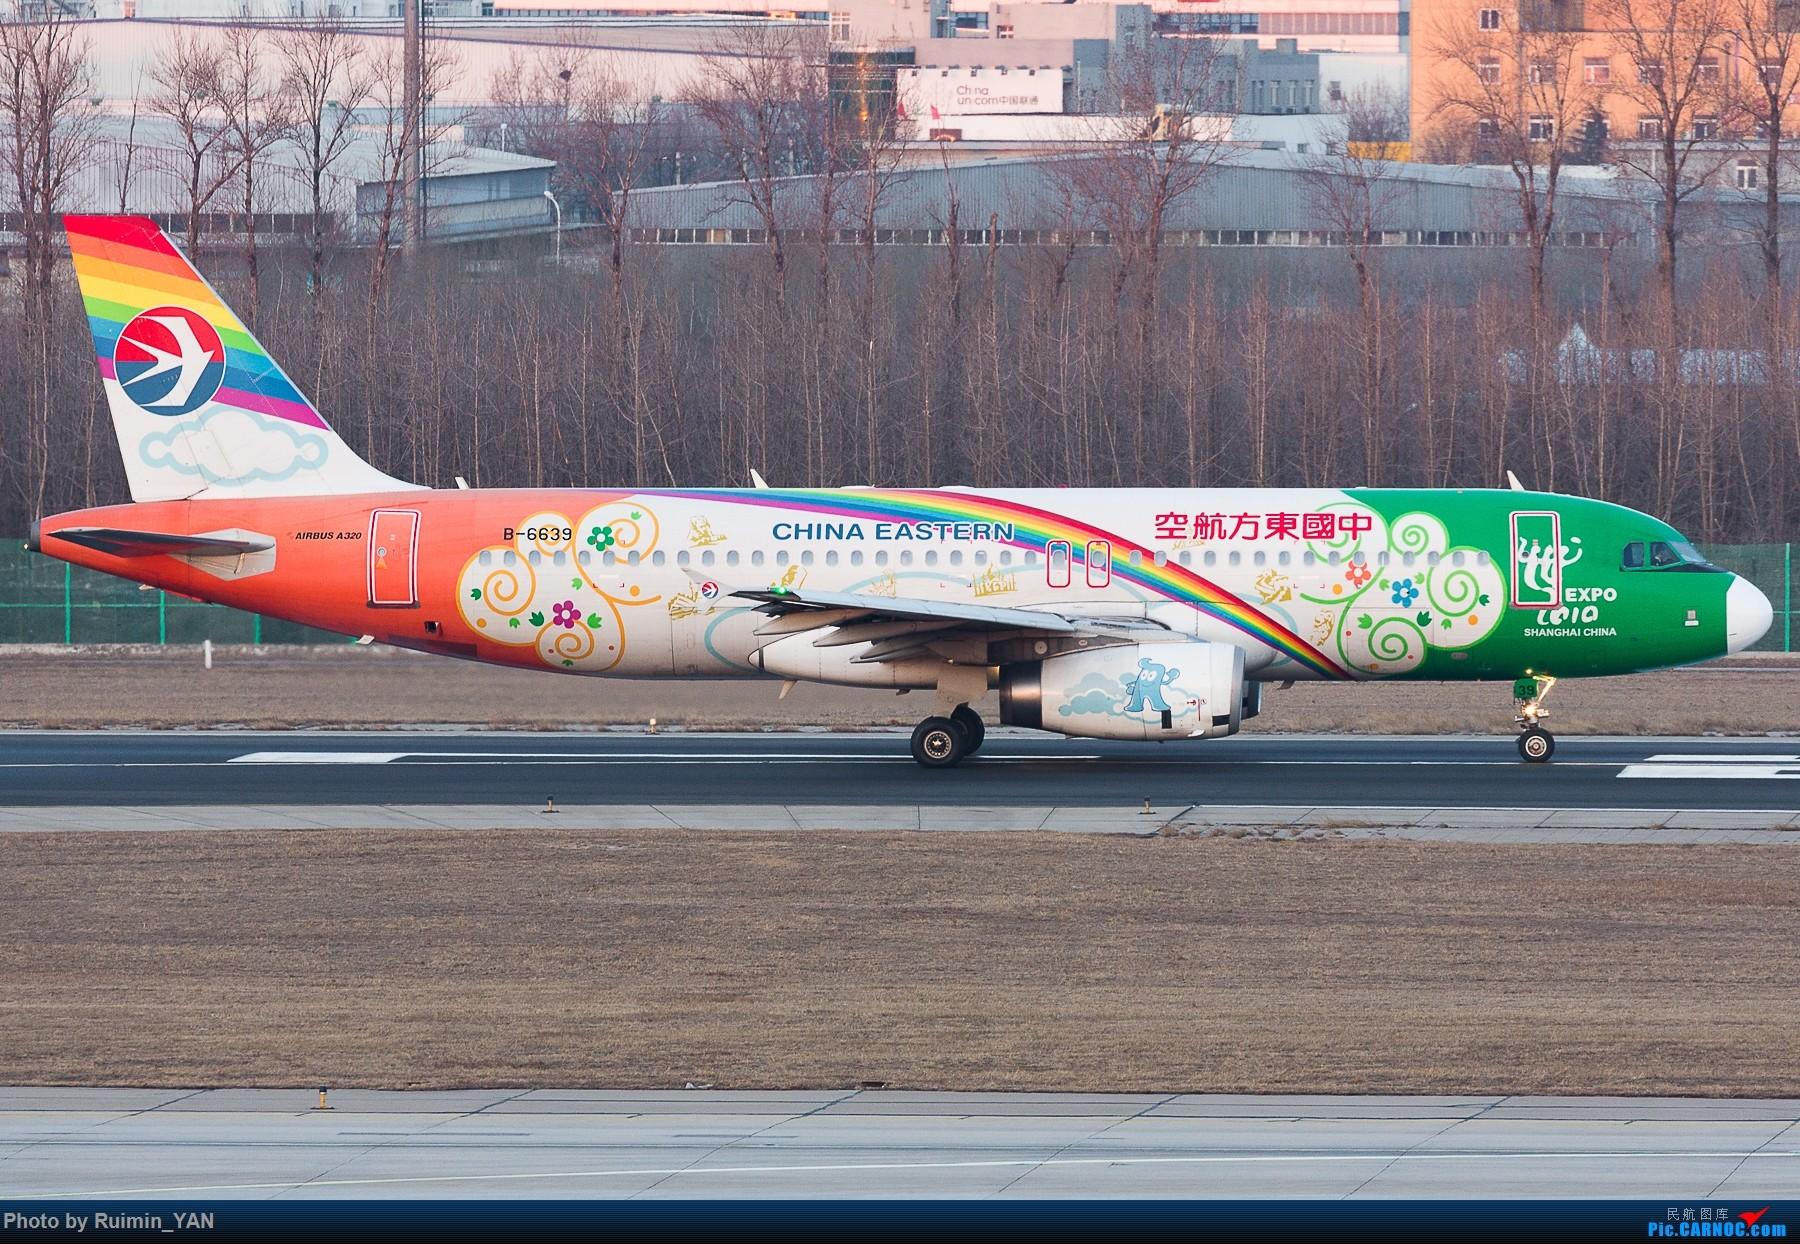 Re:[原创]【PEK飞友会】东航上海世博号B-6639 AIRBUS A320-200 B-6639 中国北京首都国际机场